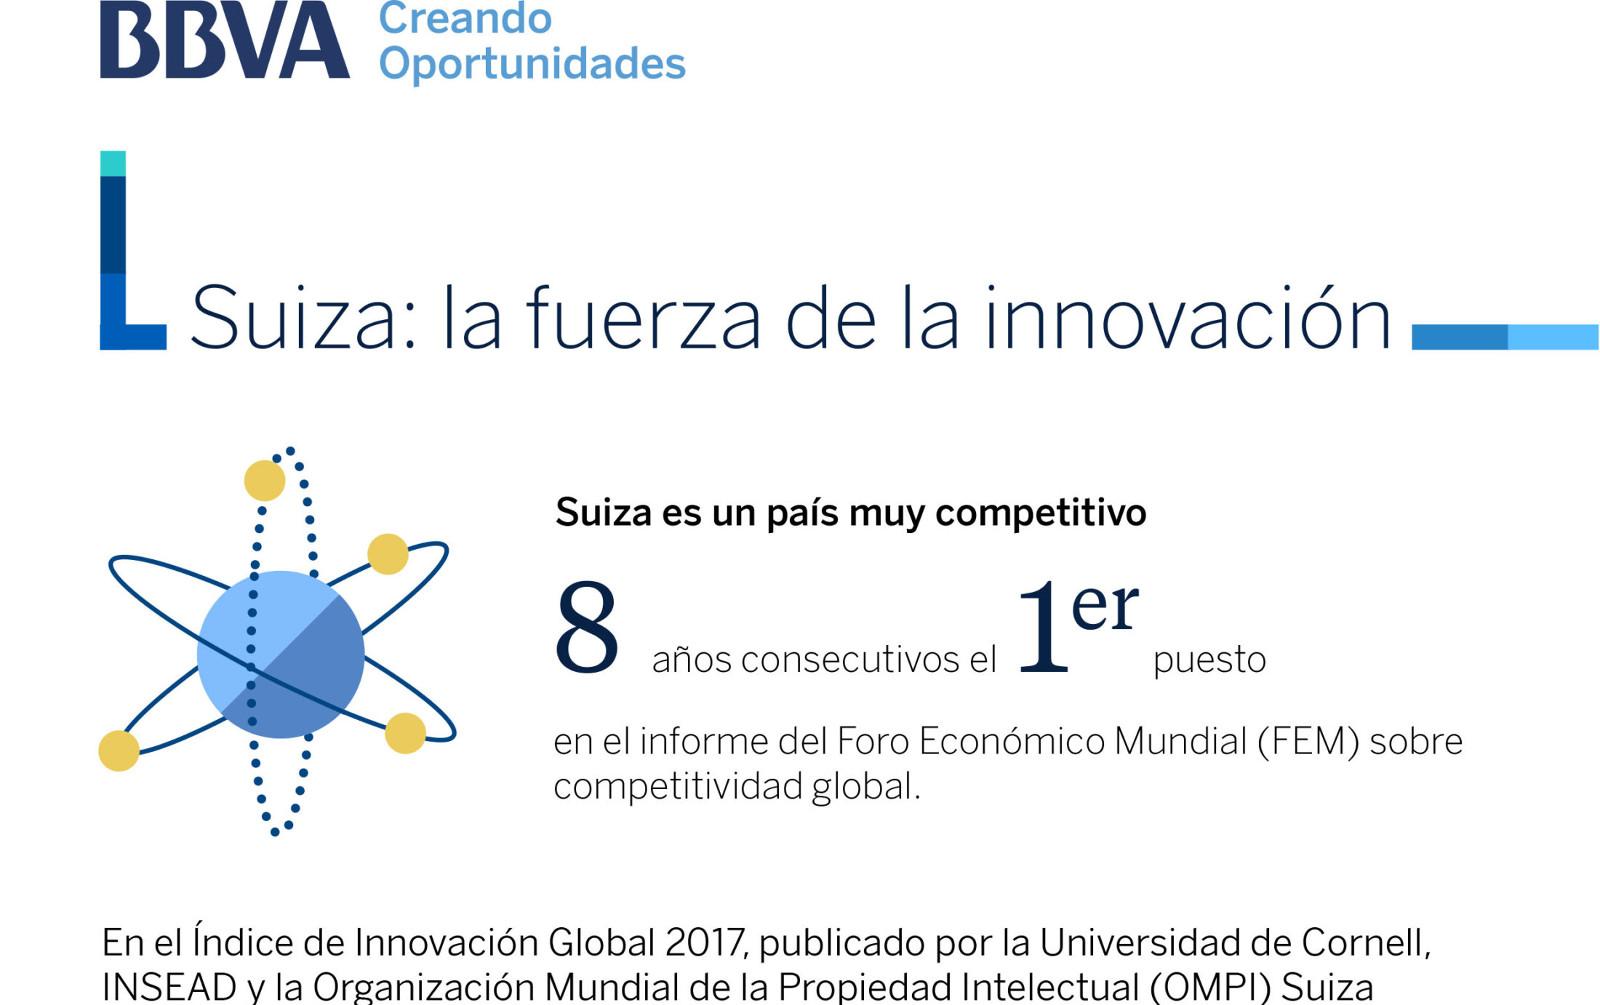 Suiza: la fuerza de la innovación